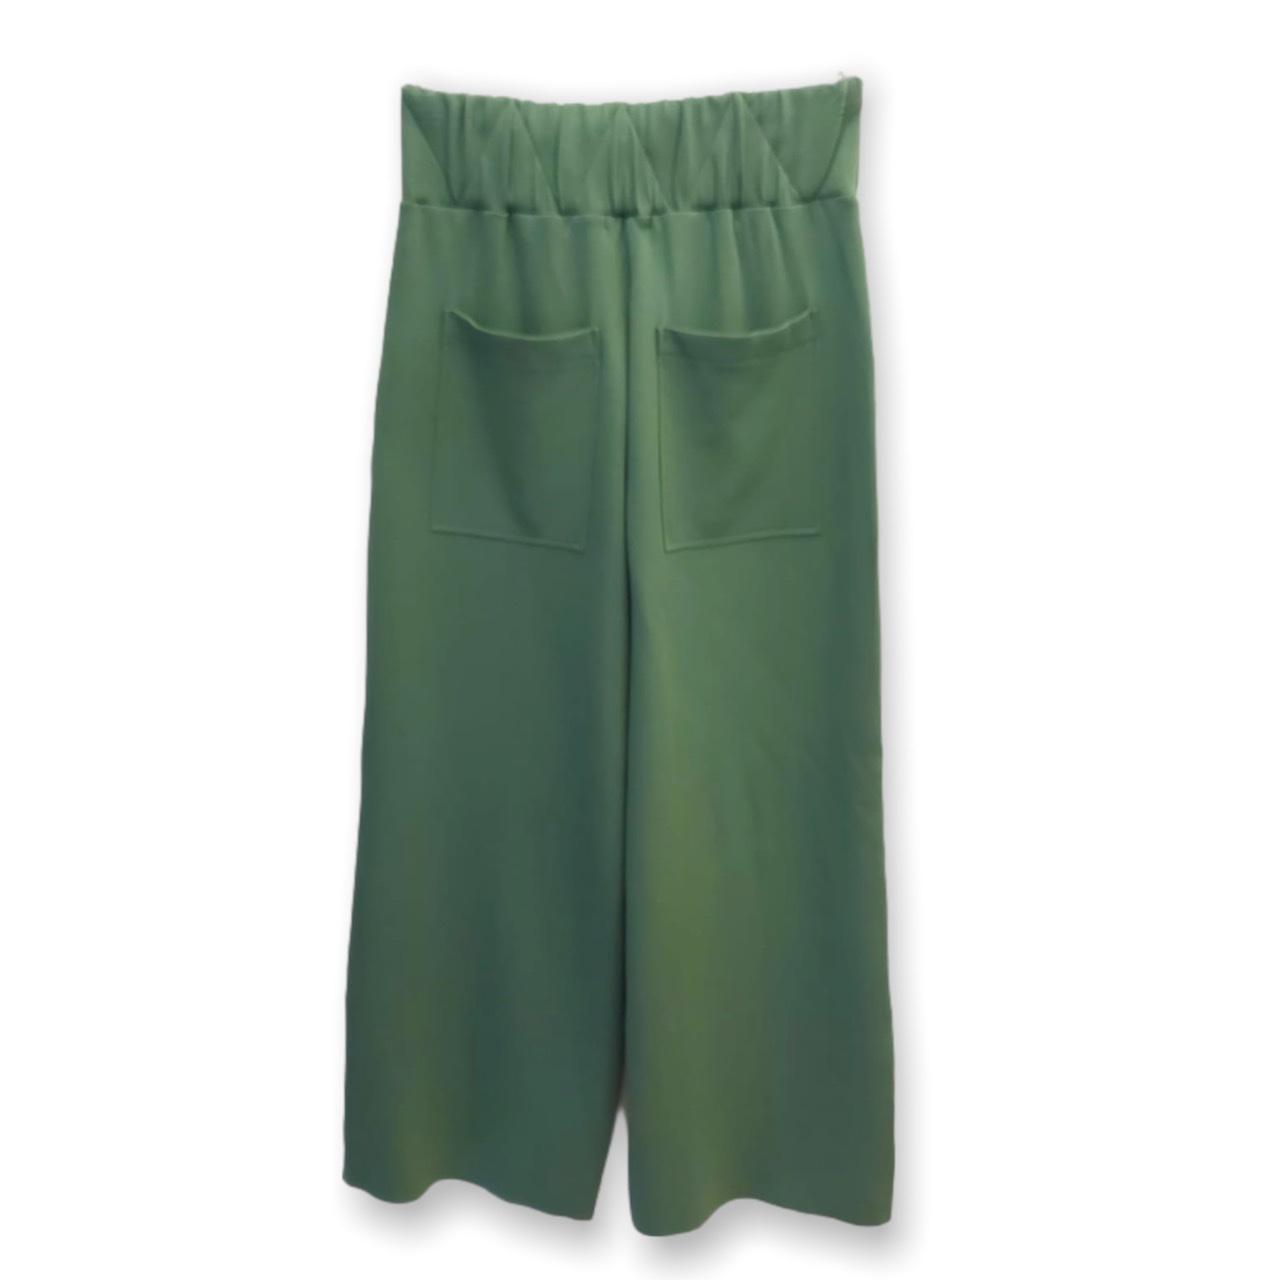 Calça Raquel verde em neoprene